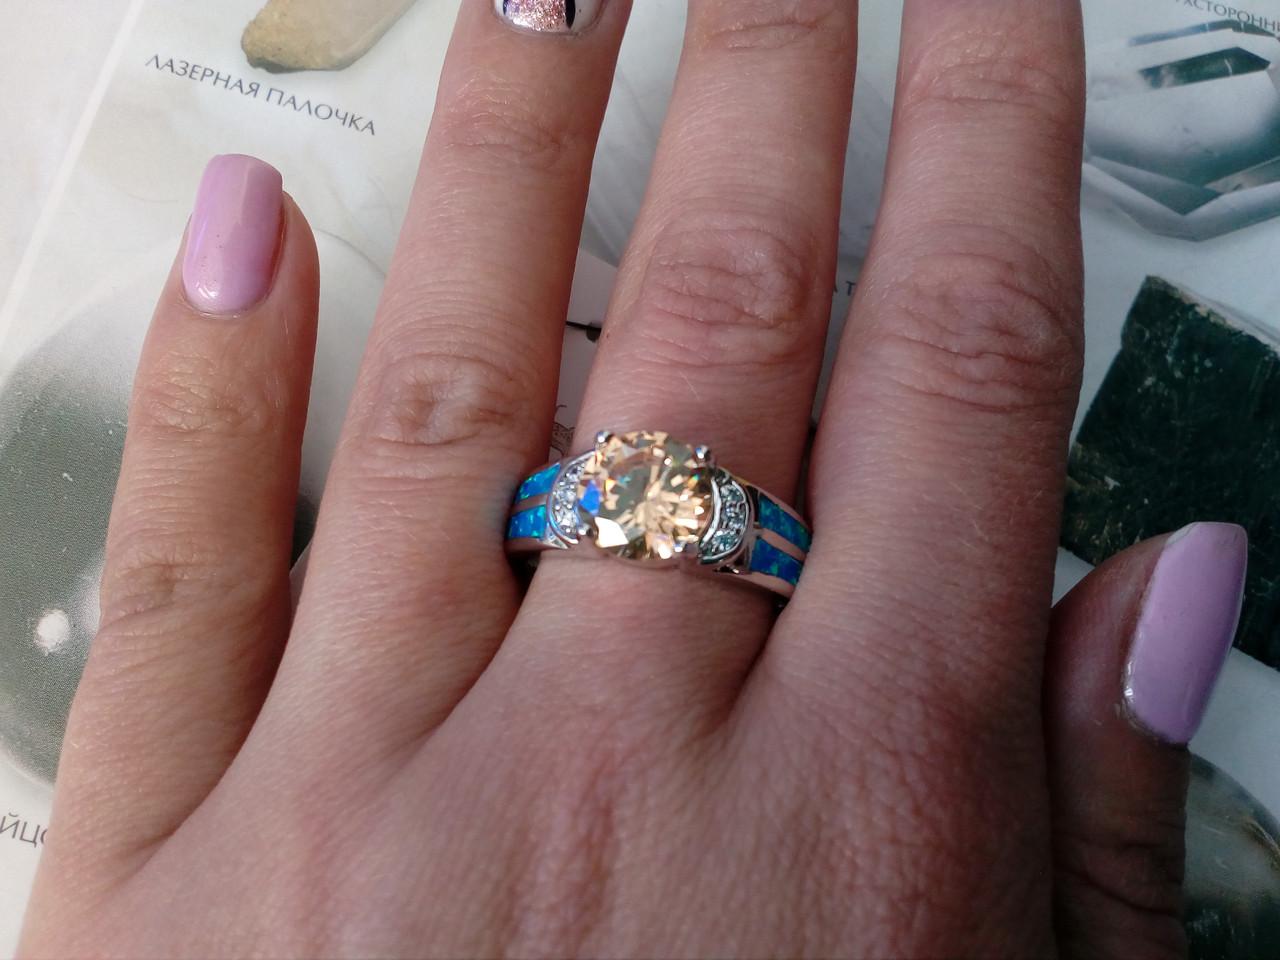 Красивое кольцо с огненным опалом и морганитом 20 размер в серебре.